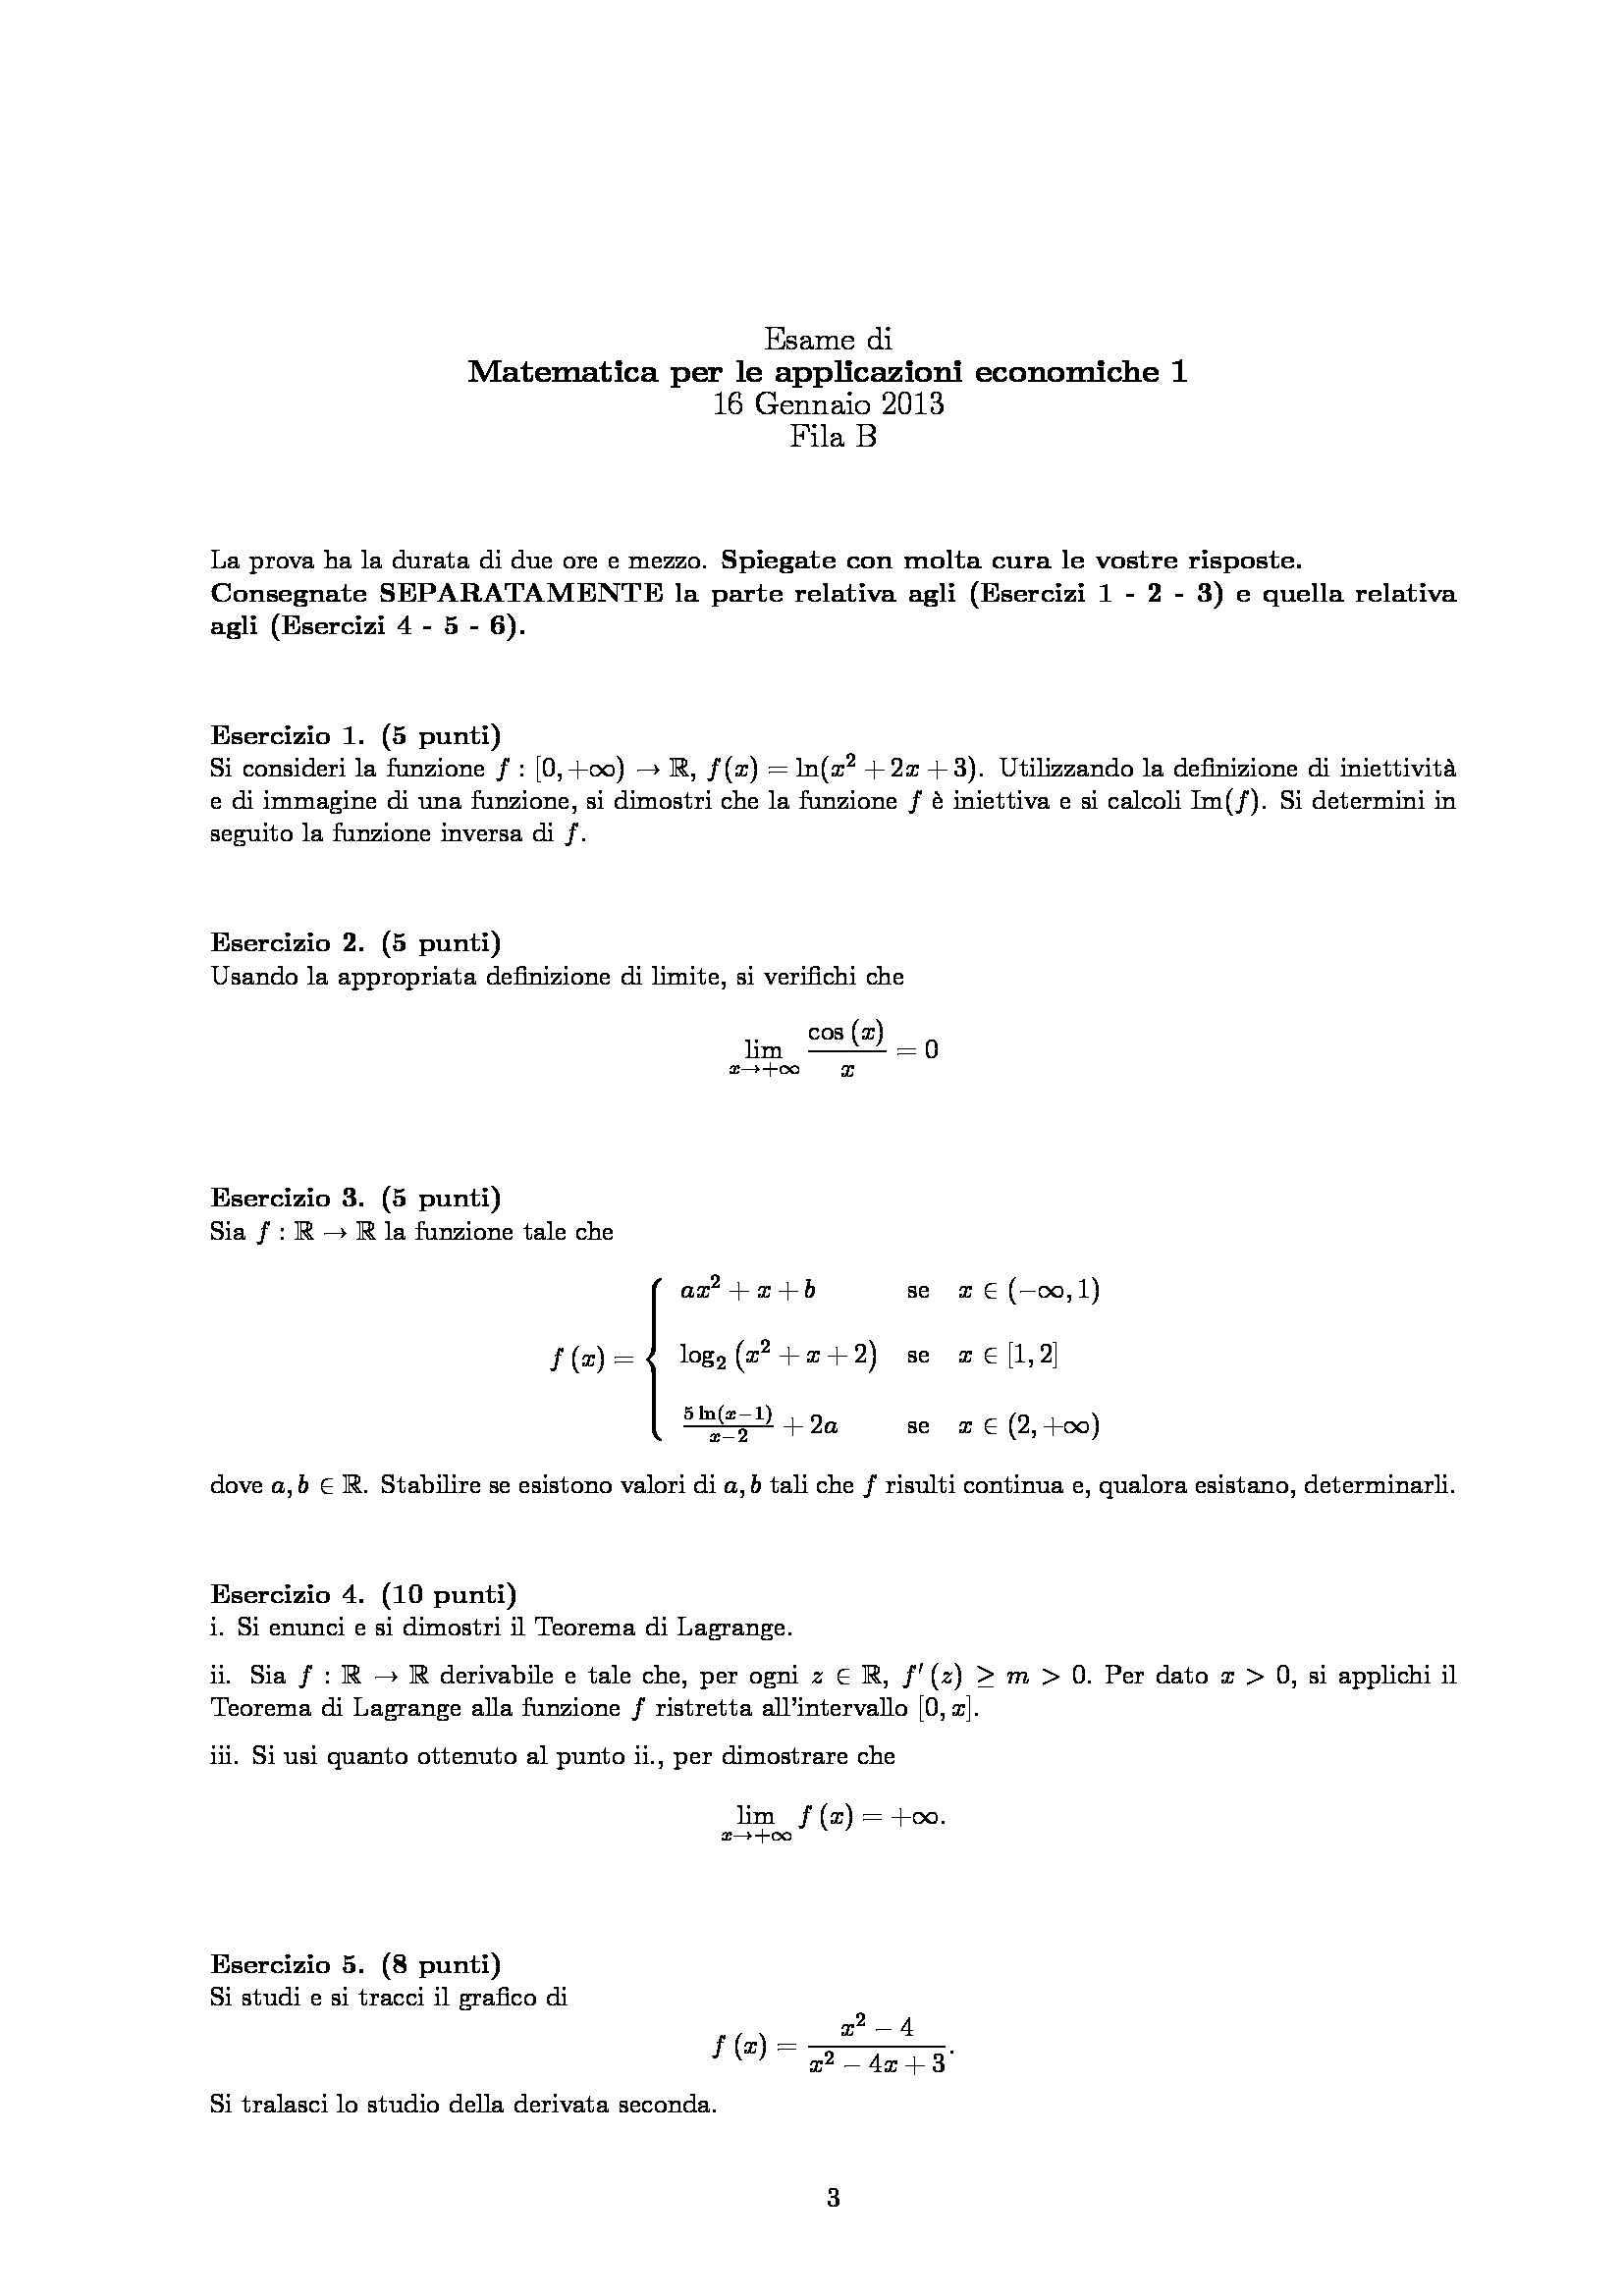 Matematica per le applicazioni economiche - esercizi Pag. 6